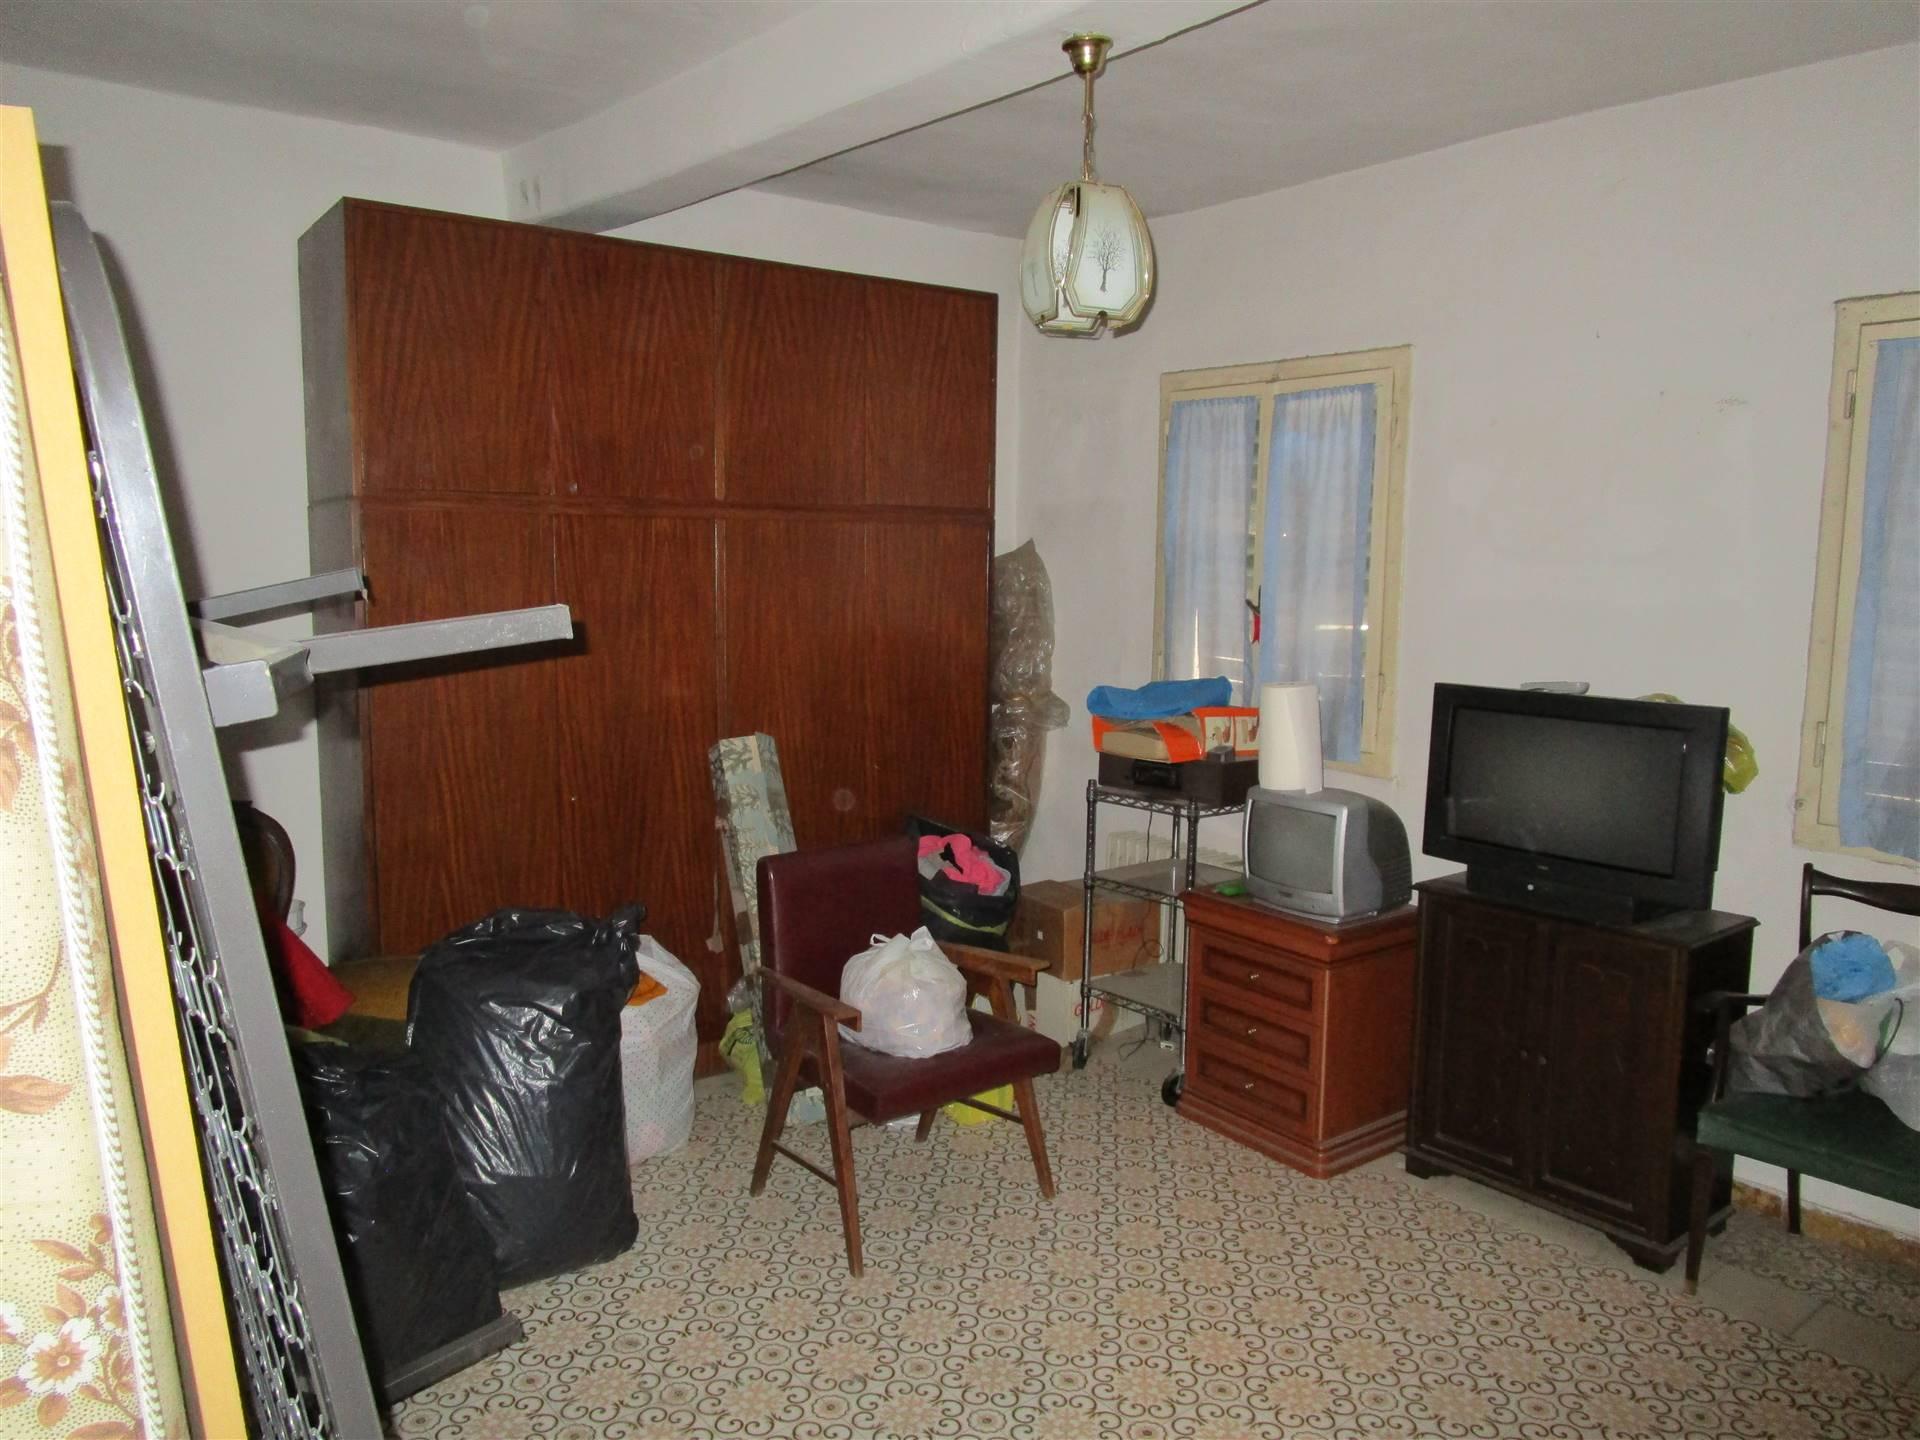 Appartamento in Vendita a Firenze zona Indipendenza - immagine 10